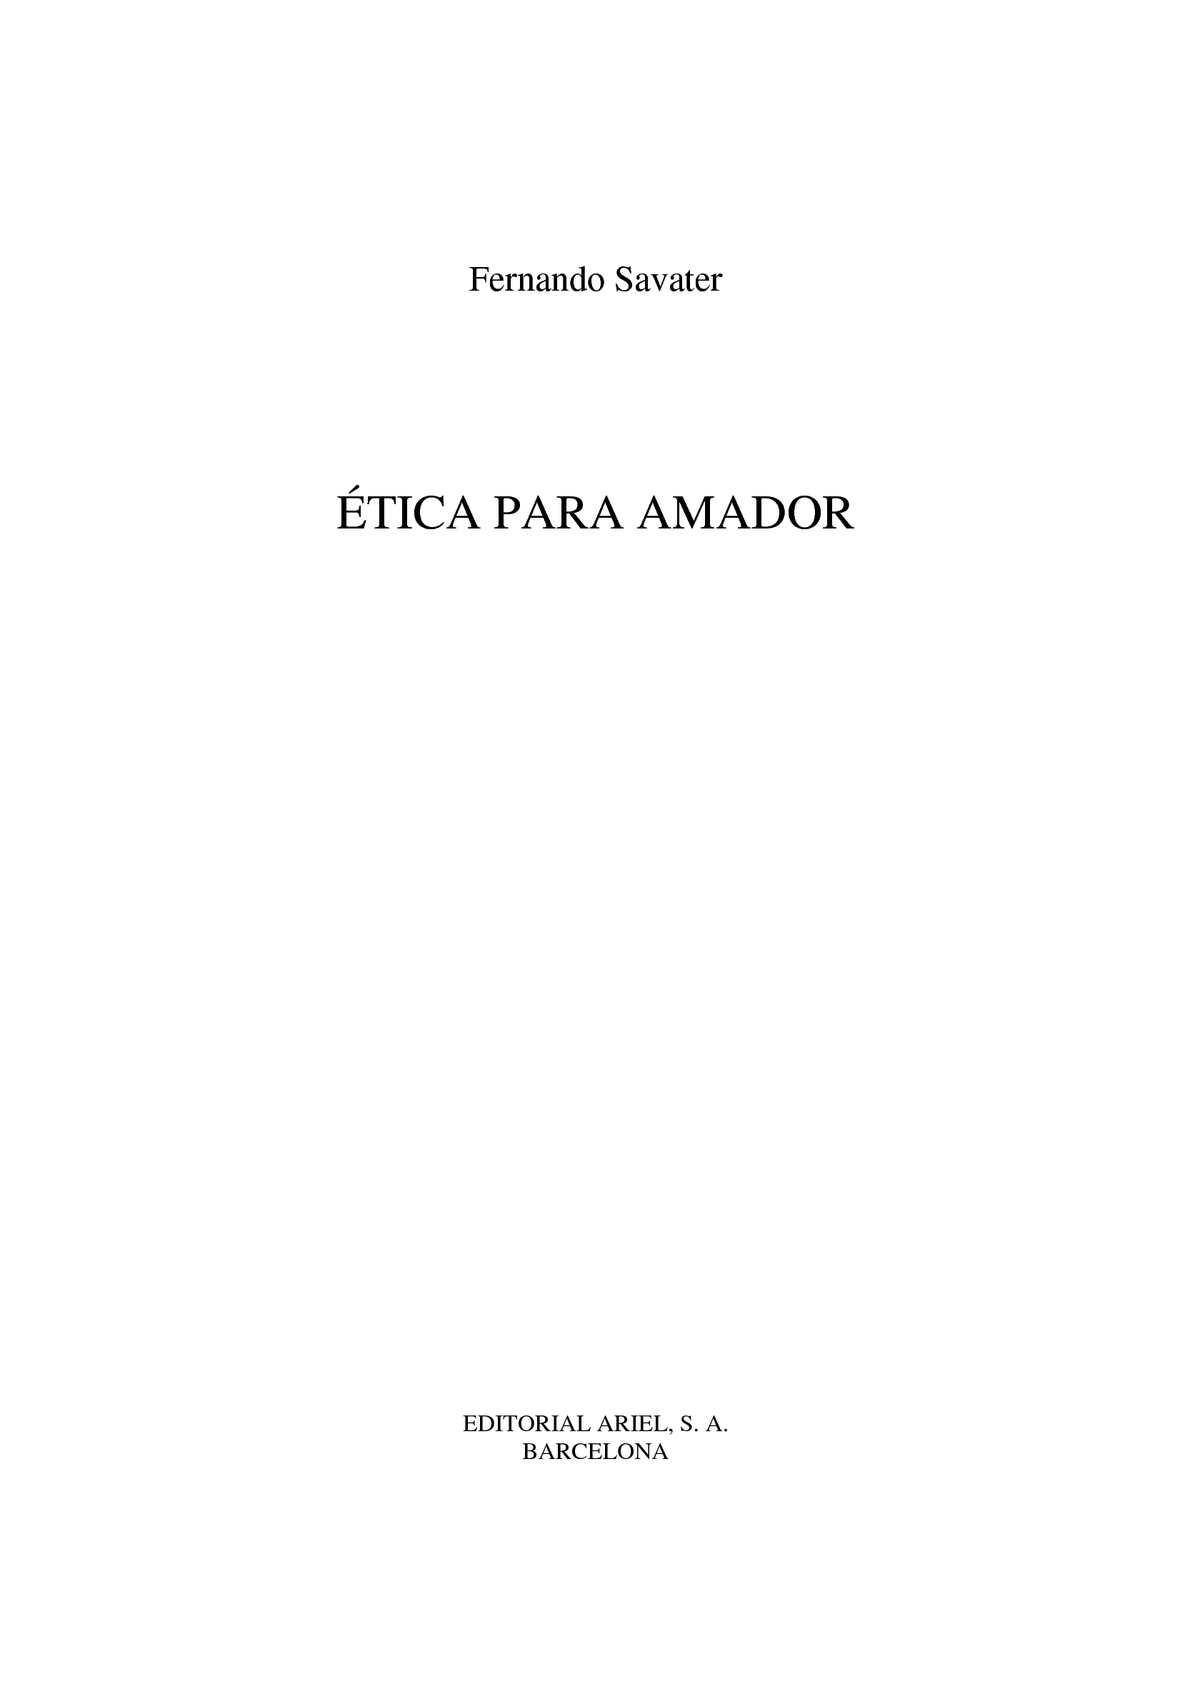 Calaméo - Libro etica.para.amador